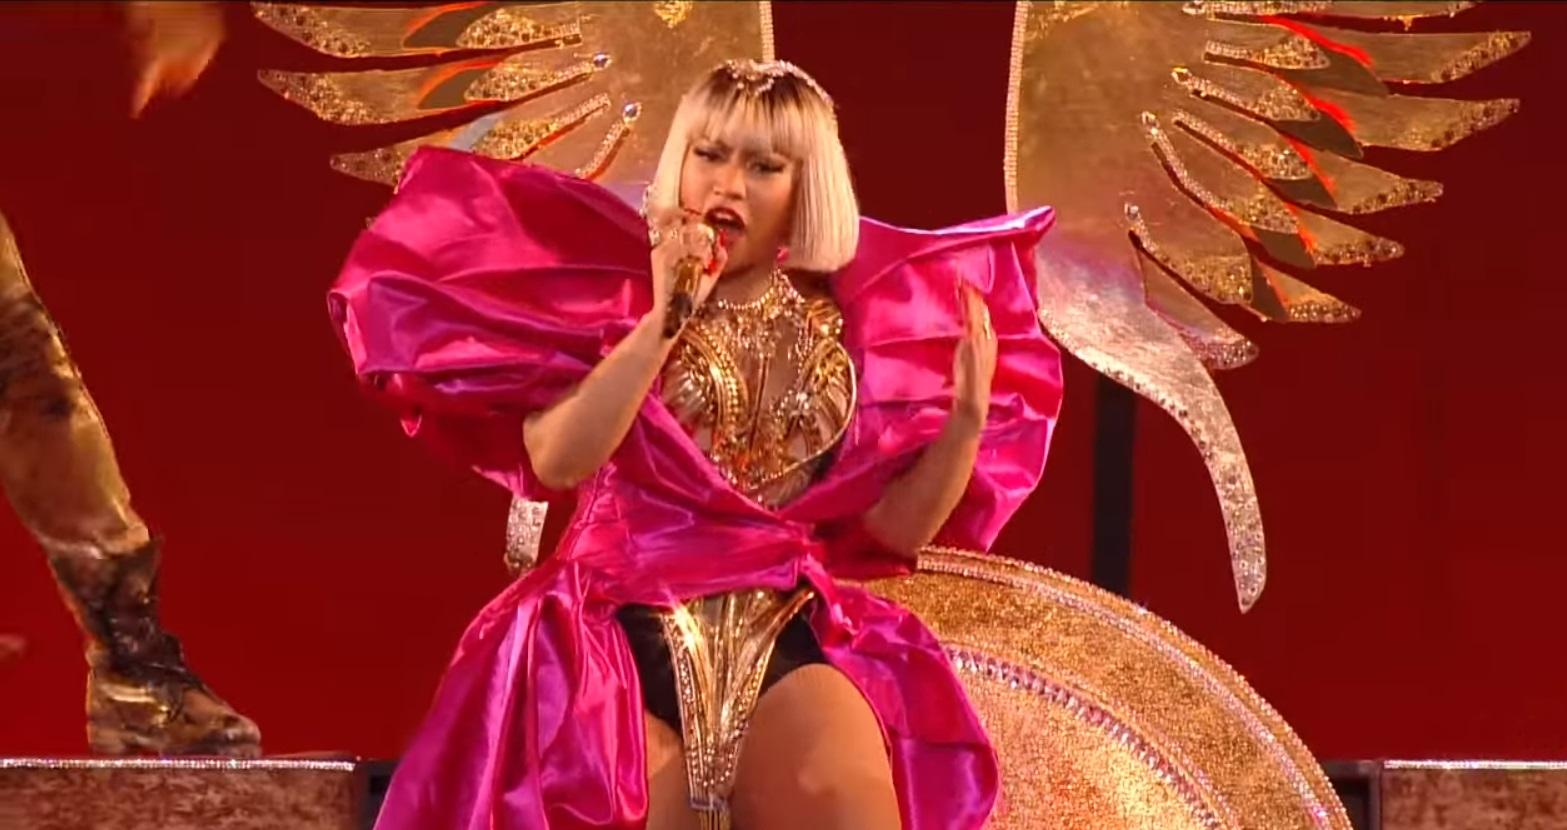 Tragedie în familia lui Nicki Minaj! Ani grei de pușcărie pentru viol